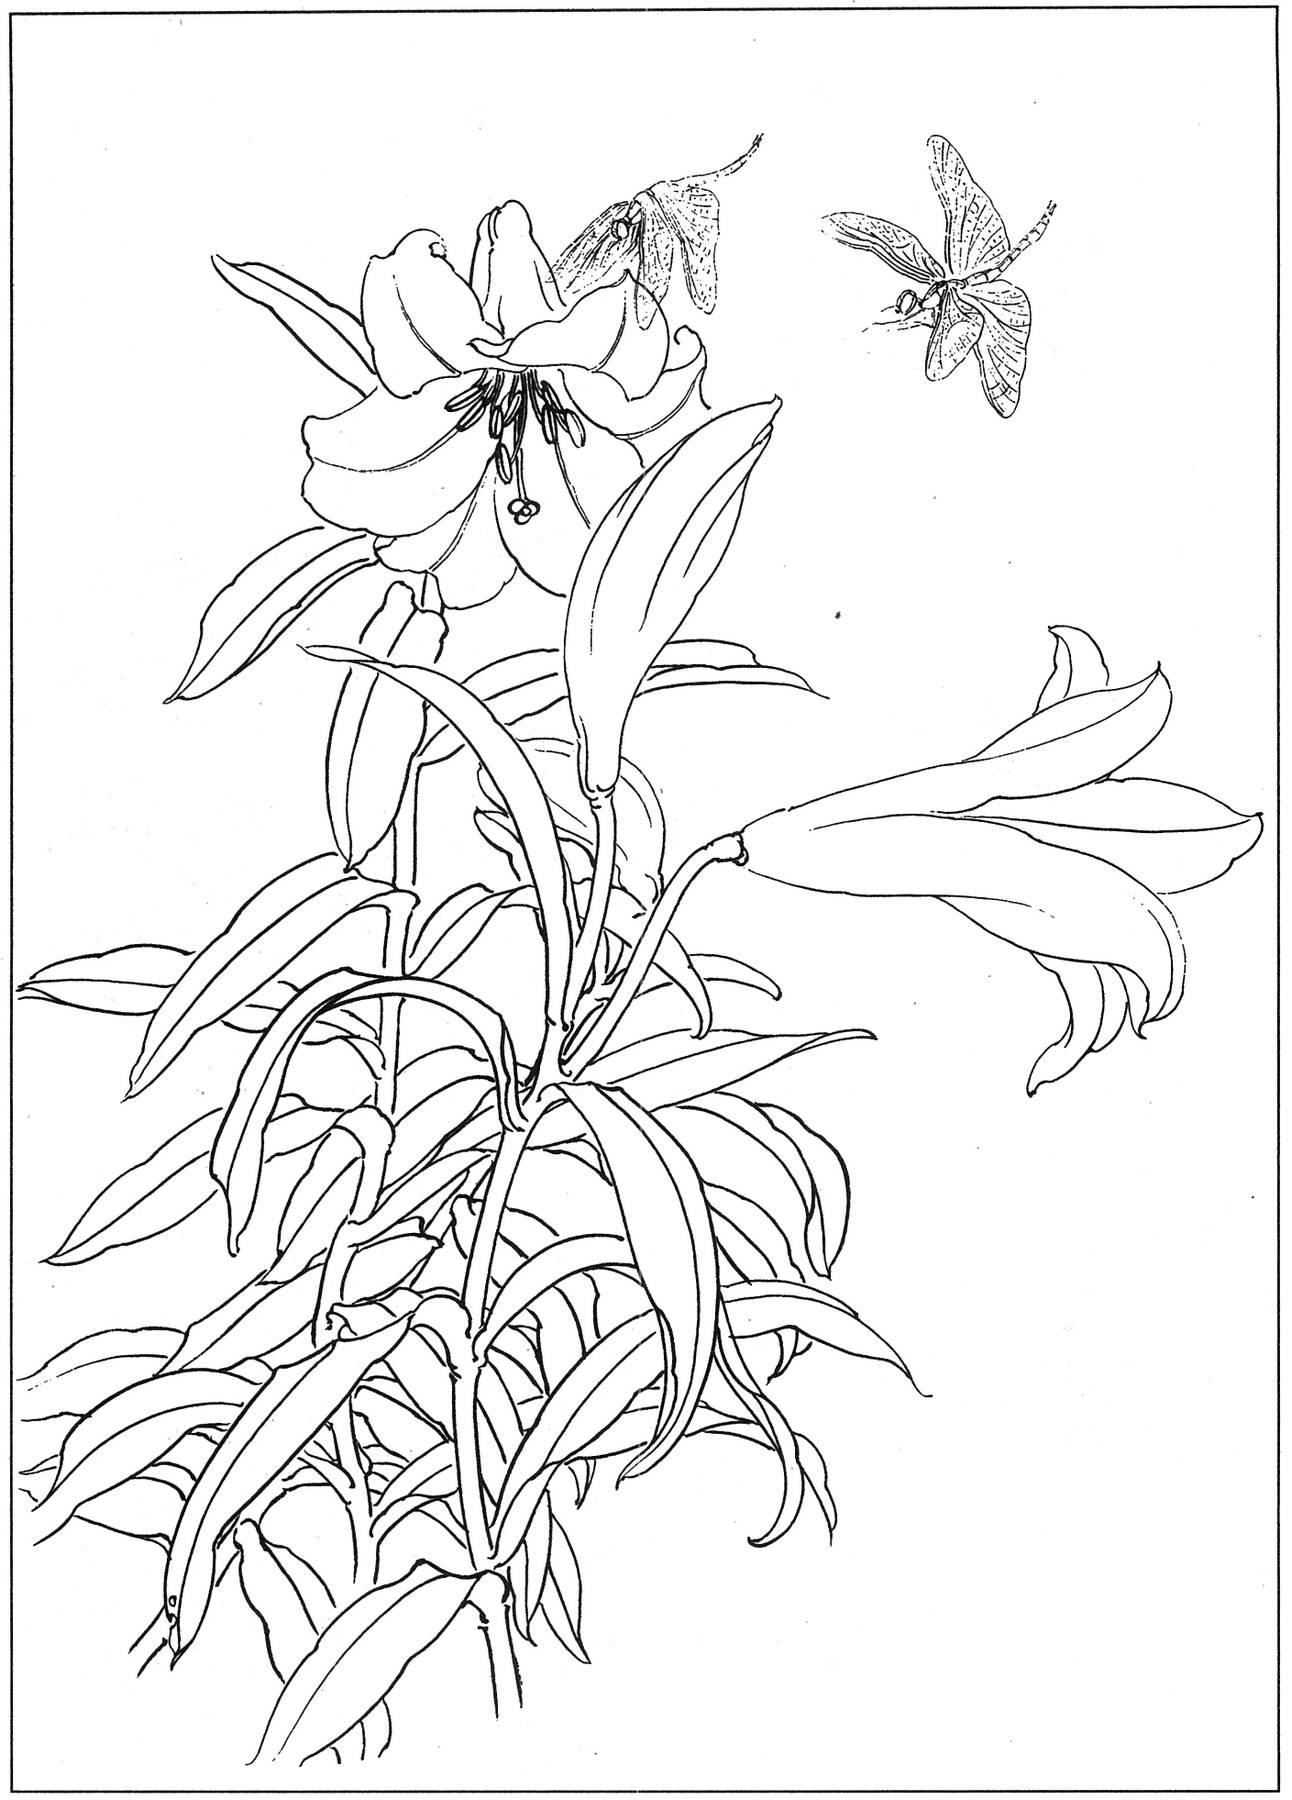 0010_工笔画百合白描线稿素材高清图-百合10_2810x4100PX_JPG_300DPI_2.2